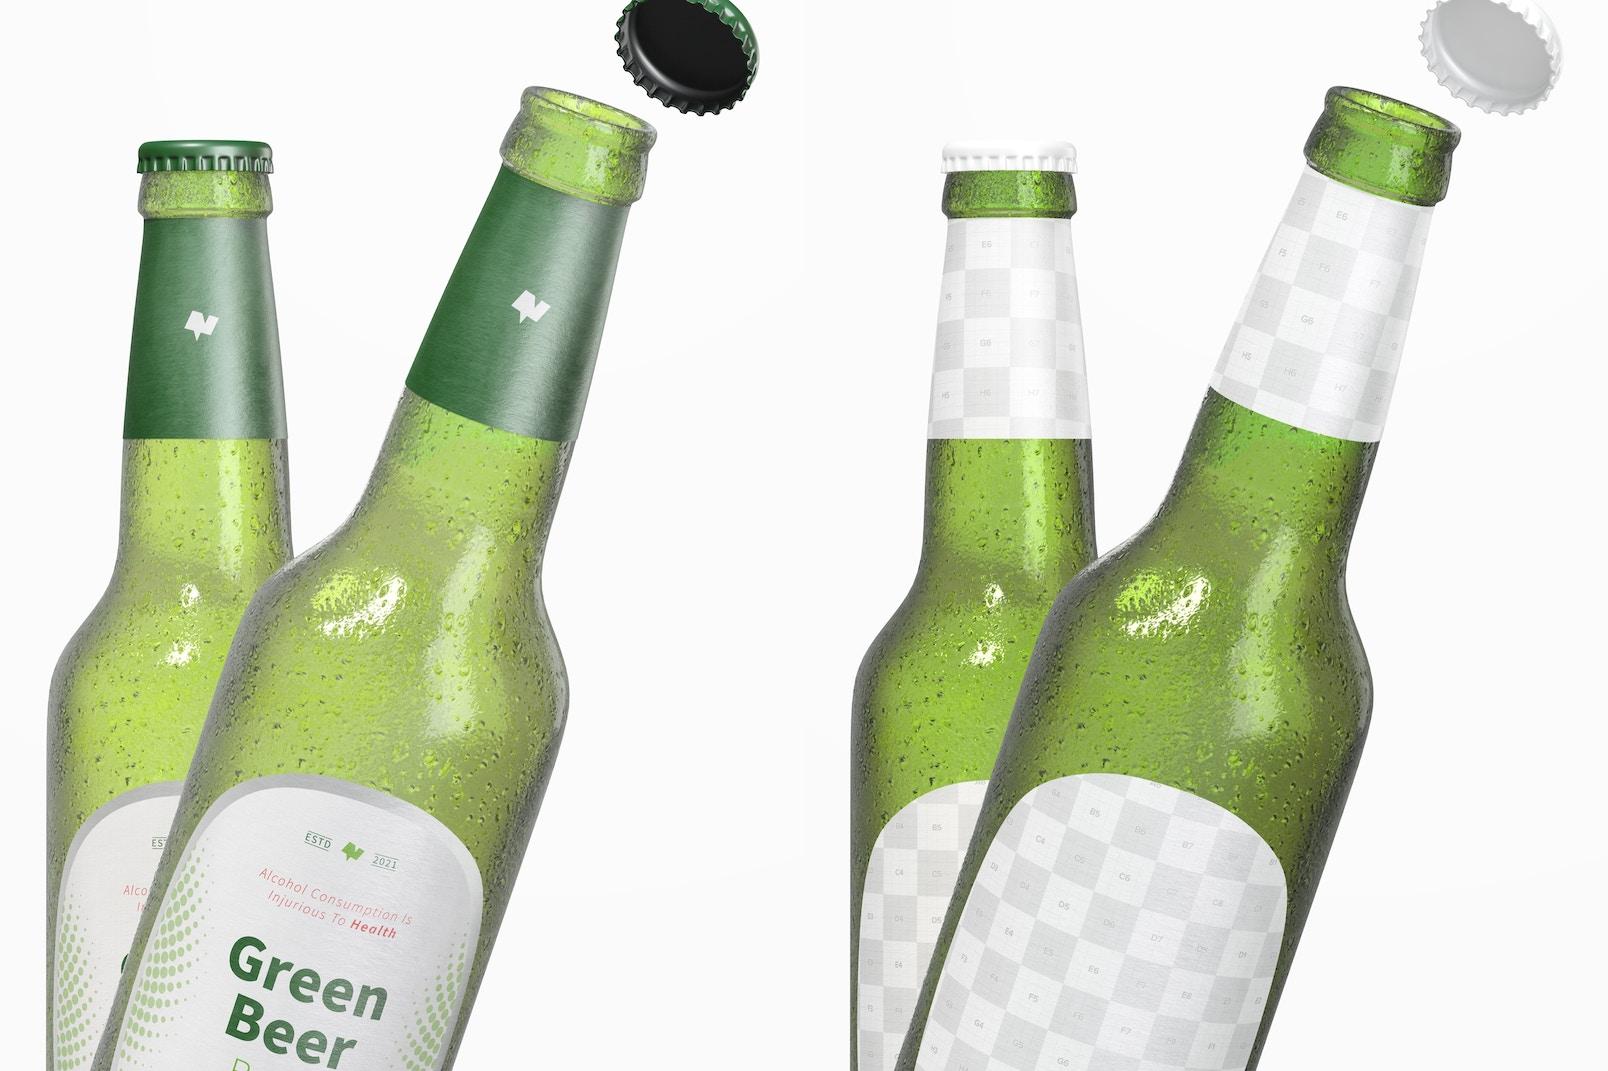 Green Beer Bottles Mockup, Close-Up